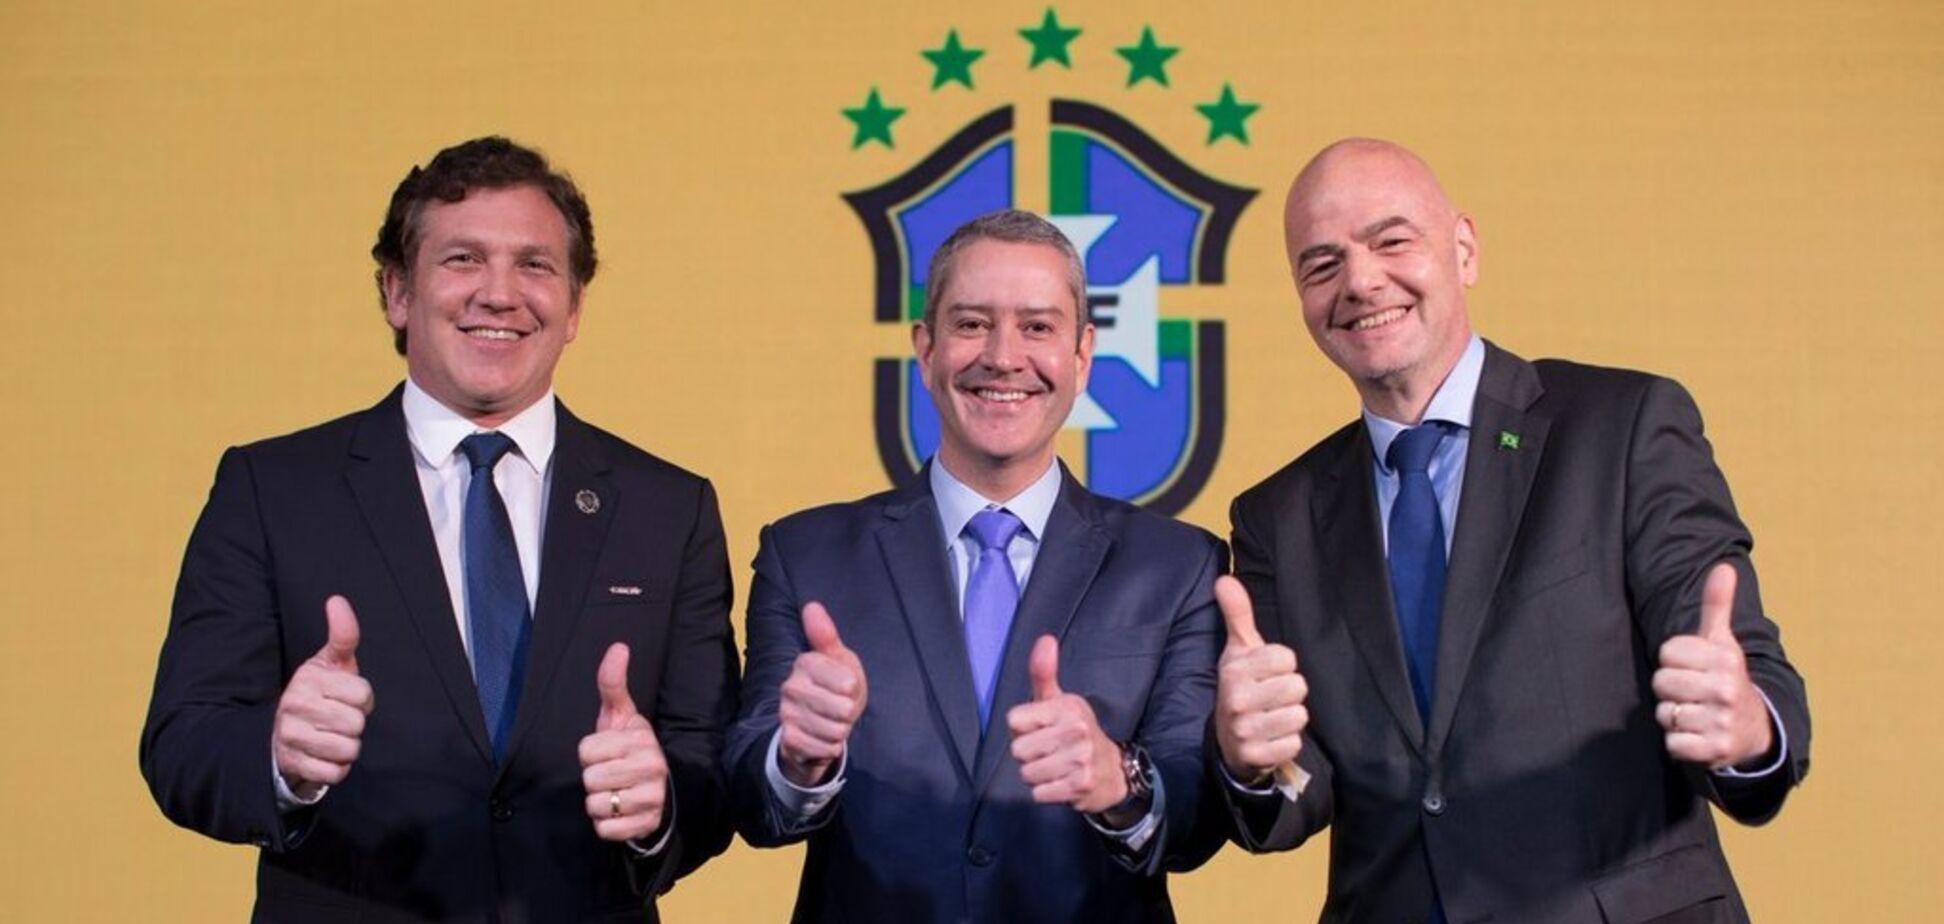 Вперше за 70 років: збірна Бразилія буде грати в 'динамівськiй' формі - фотофакт